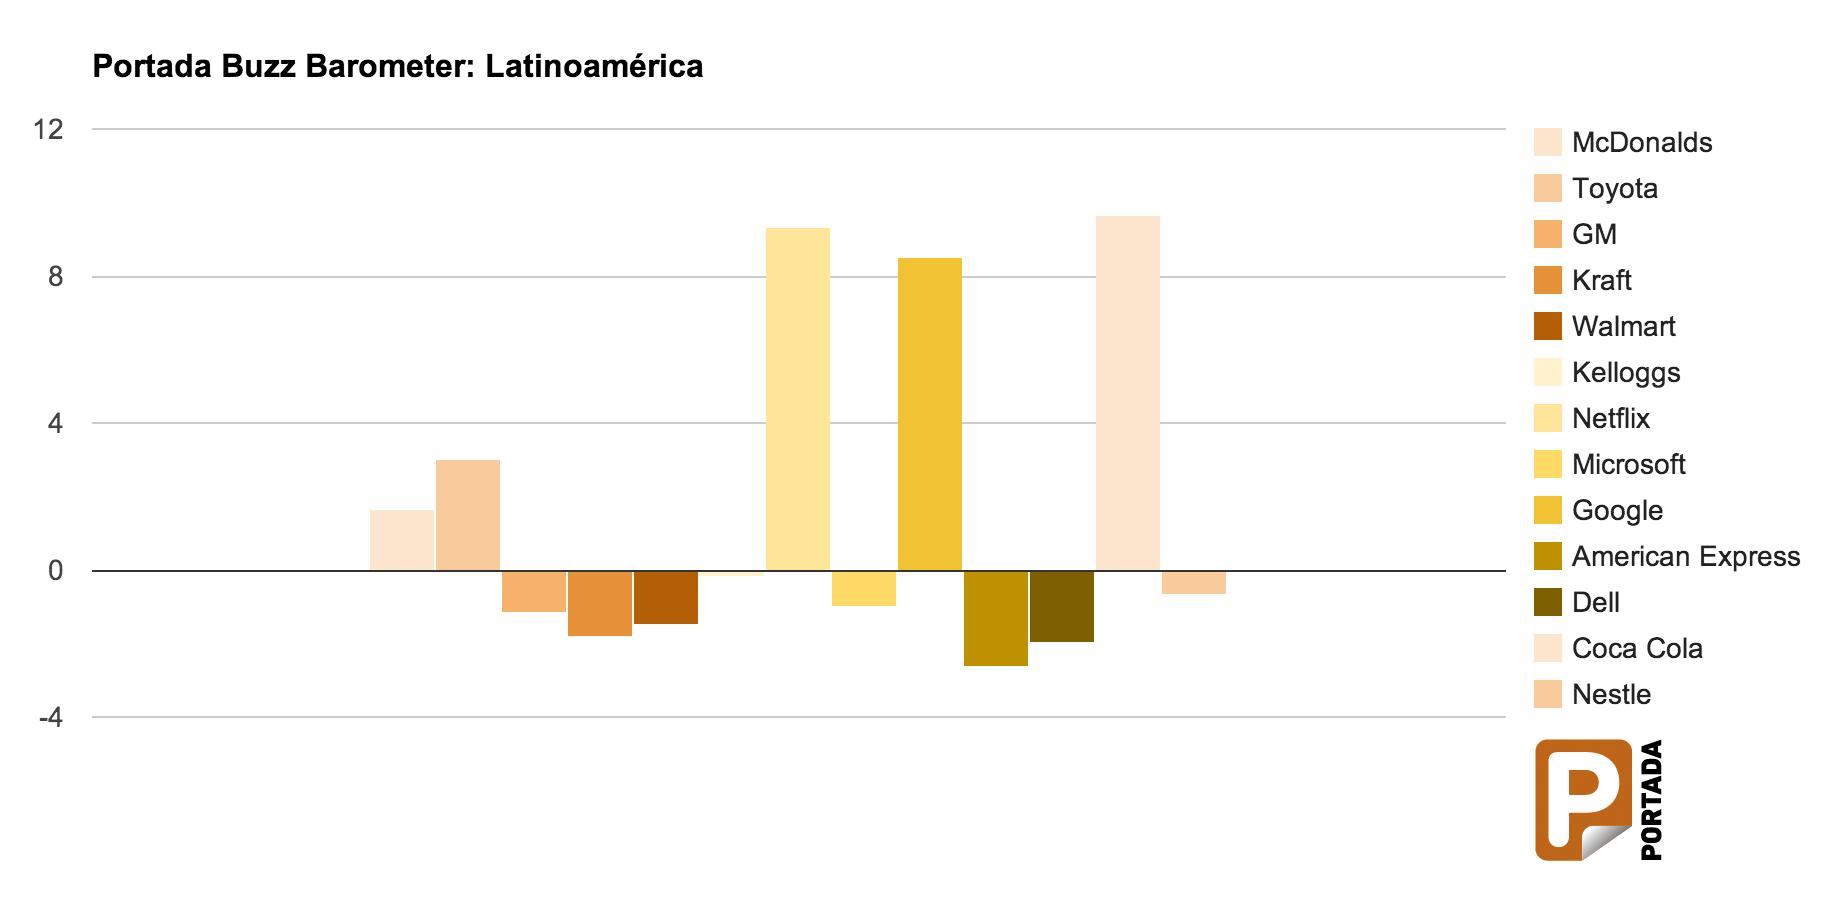 Barómetro Portada del Buzz: Latinoamérica – Coca Cola y Netflix con mayor buzz positivo